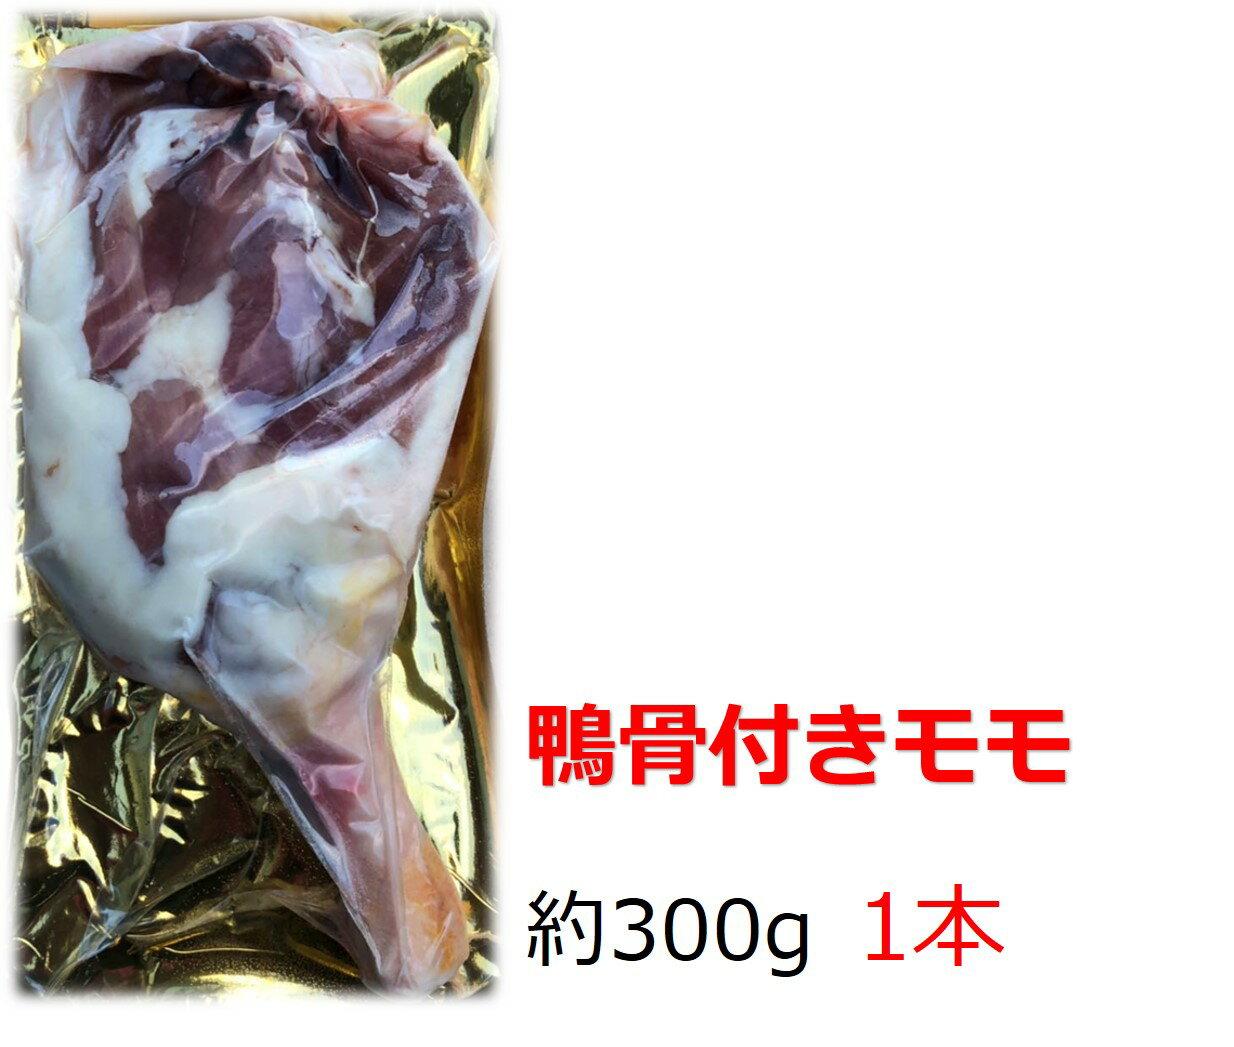 ハンガリー産 鴨肉ミュラー種 骨付きモモ 約300g 骨付き鳥の代わりに!!